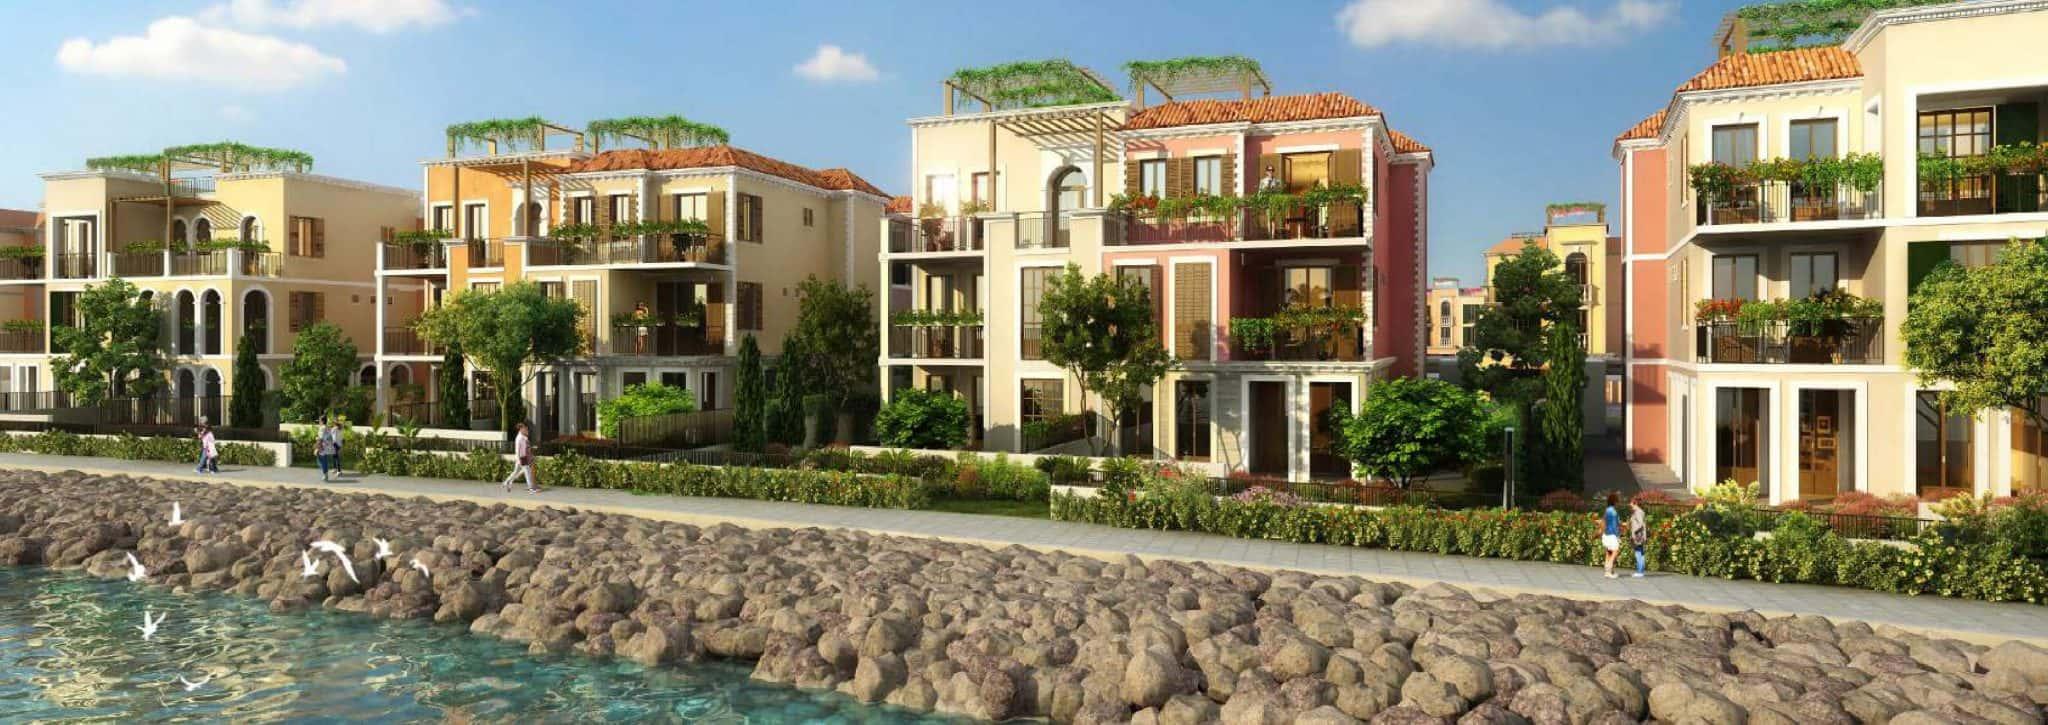 Meraas Sur La Mer Townhouses